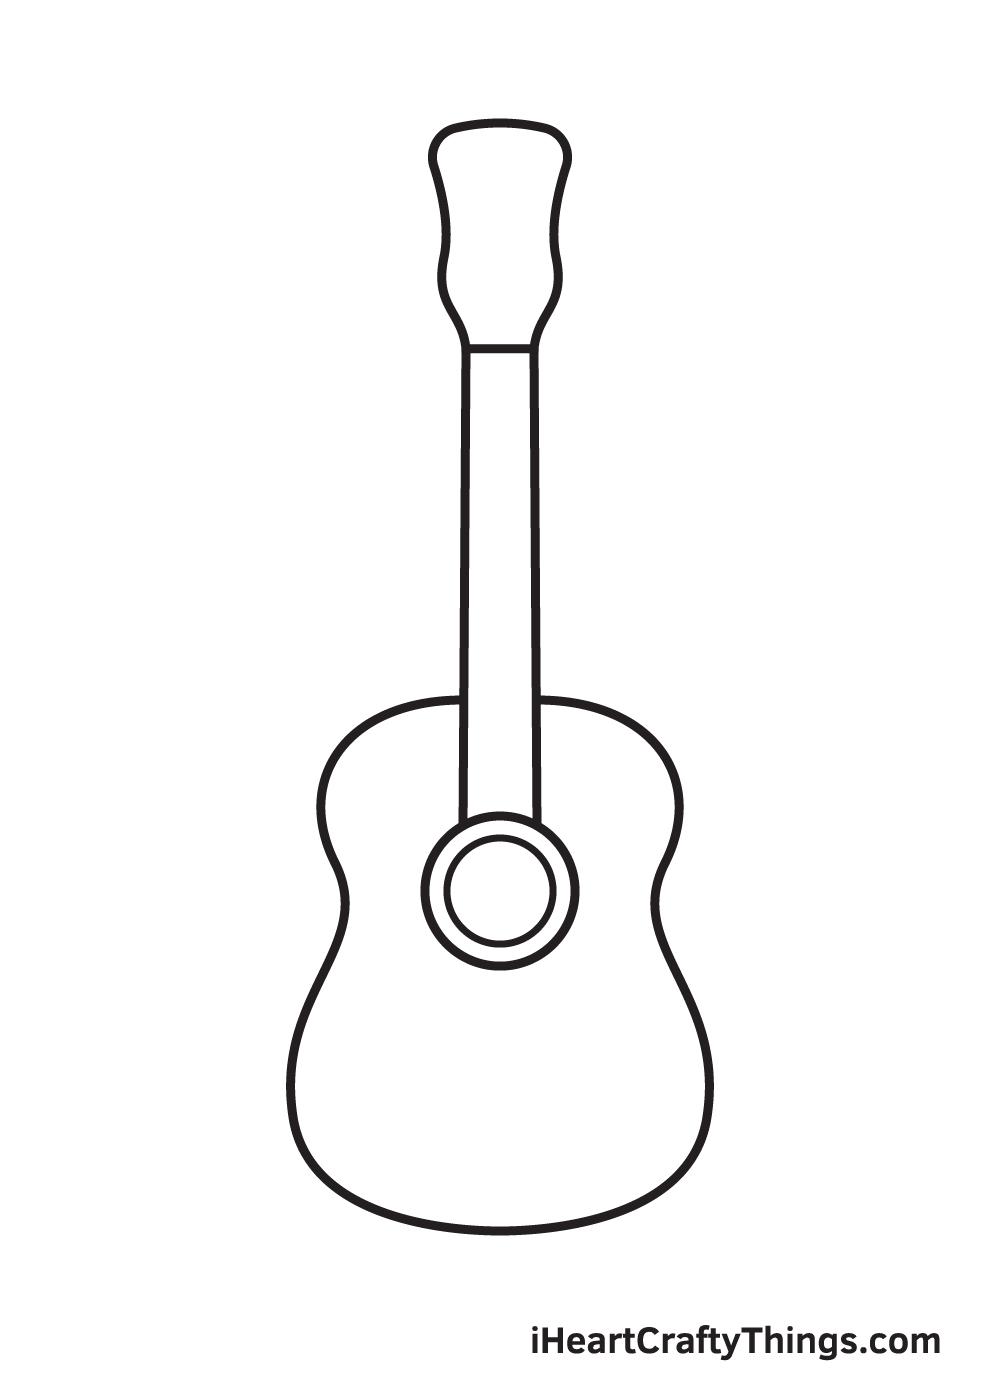 Guitar Drawing – Step 4